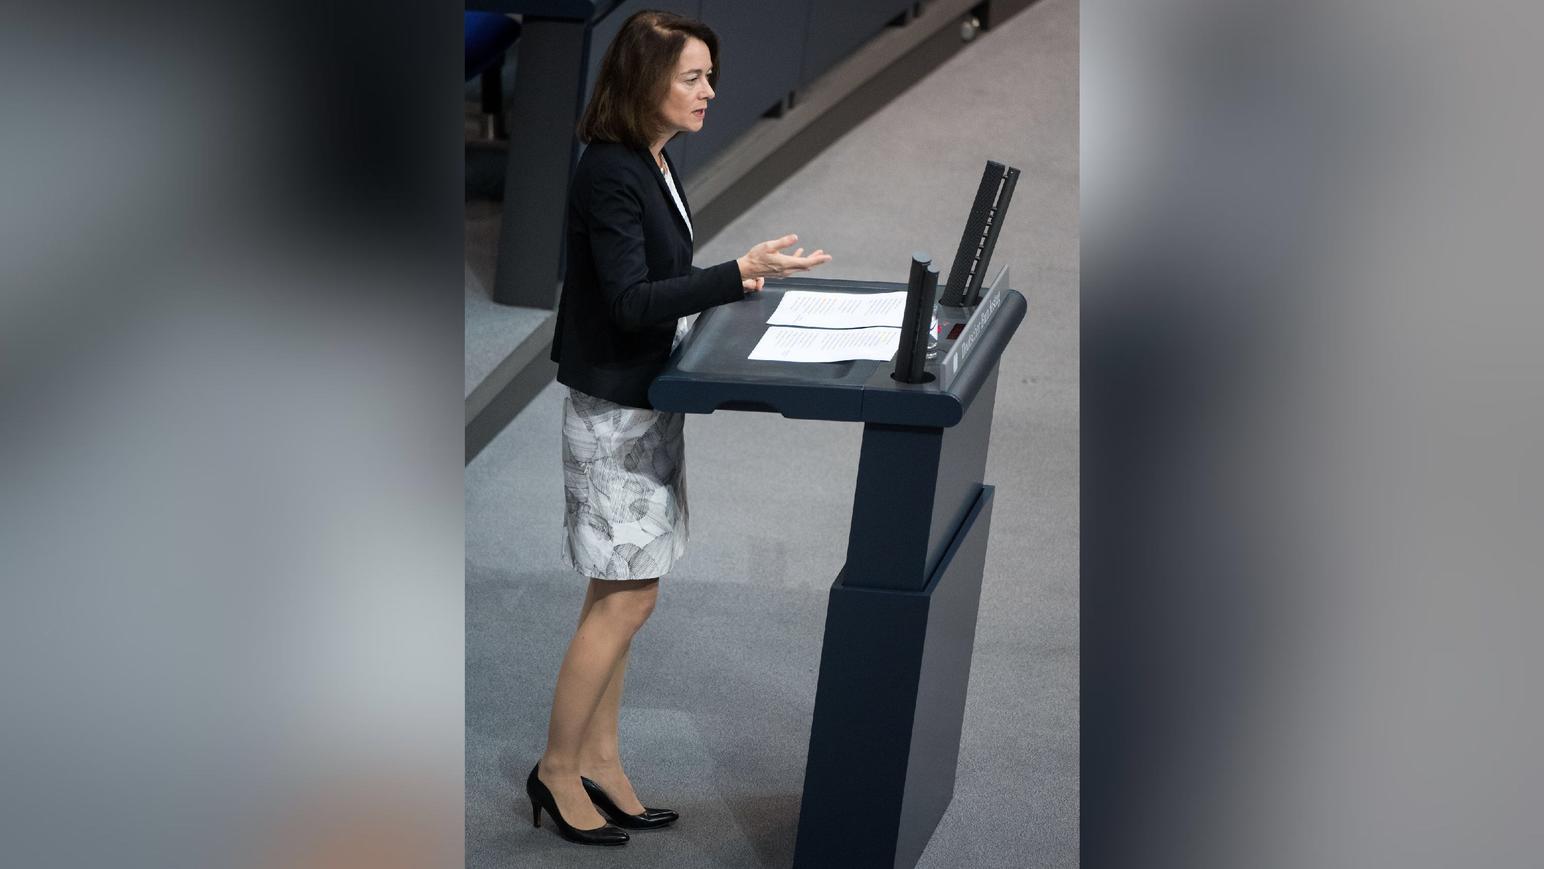 Gleichberechtigung - Merkel: Ziel muss Parität sein